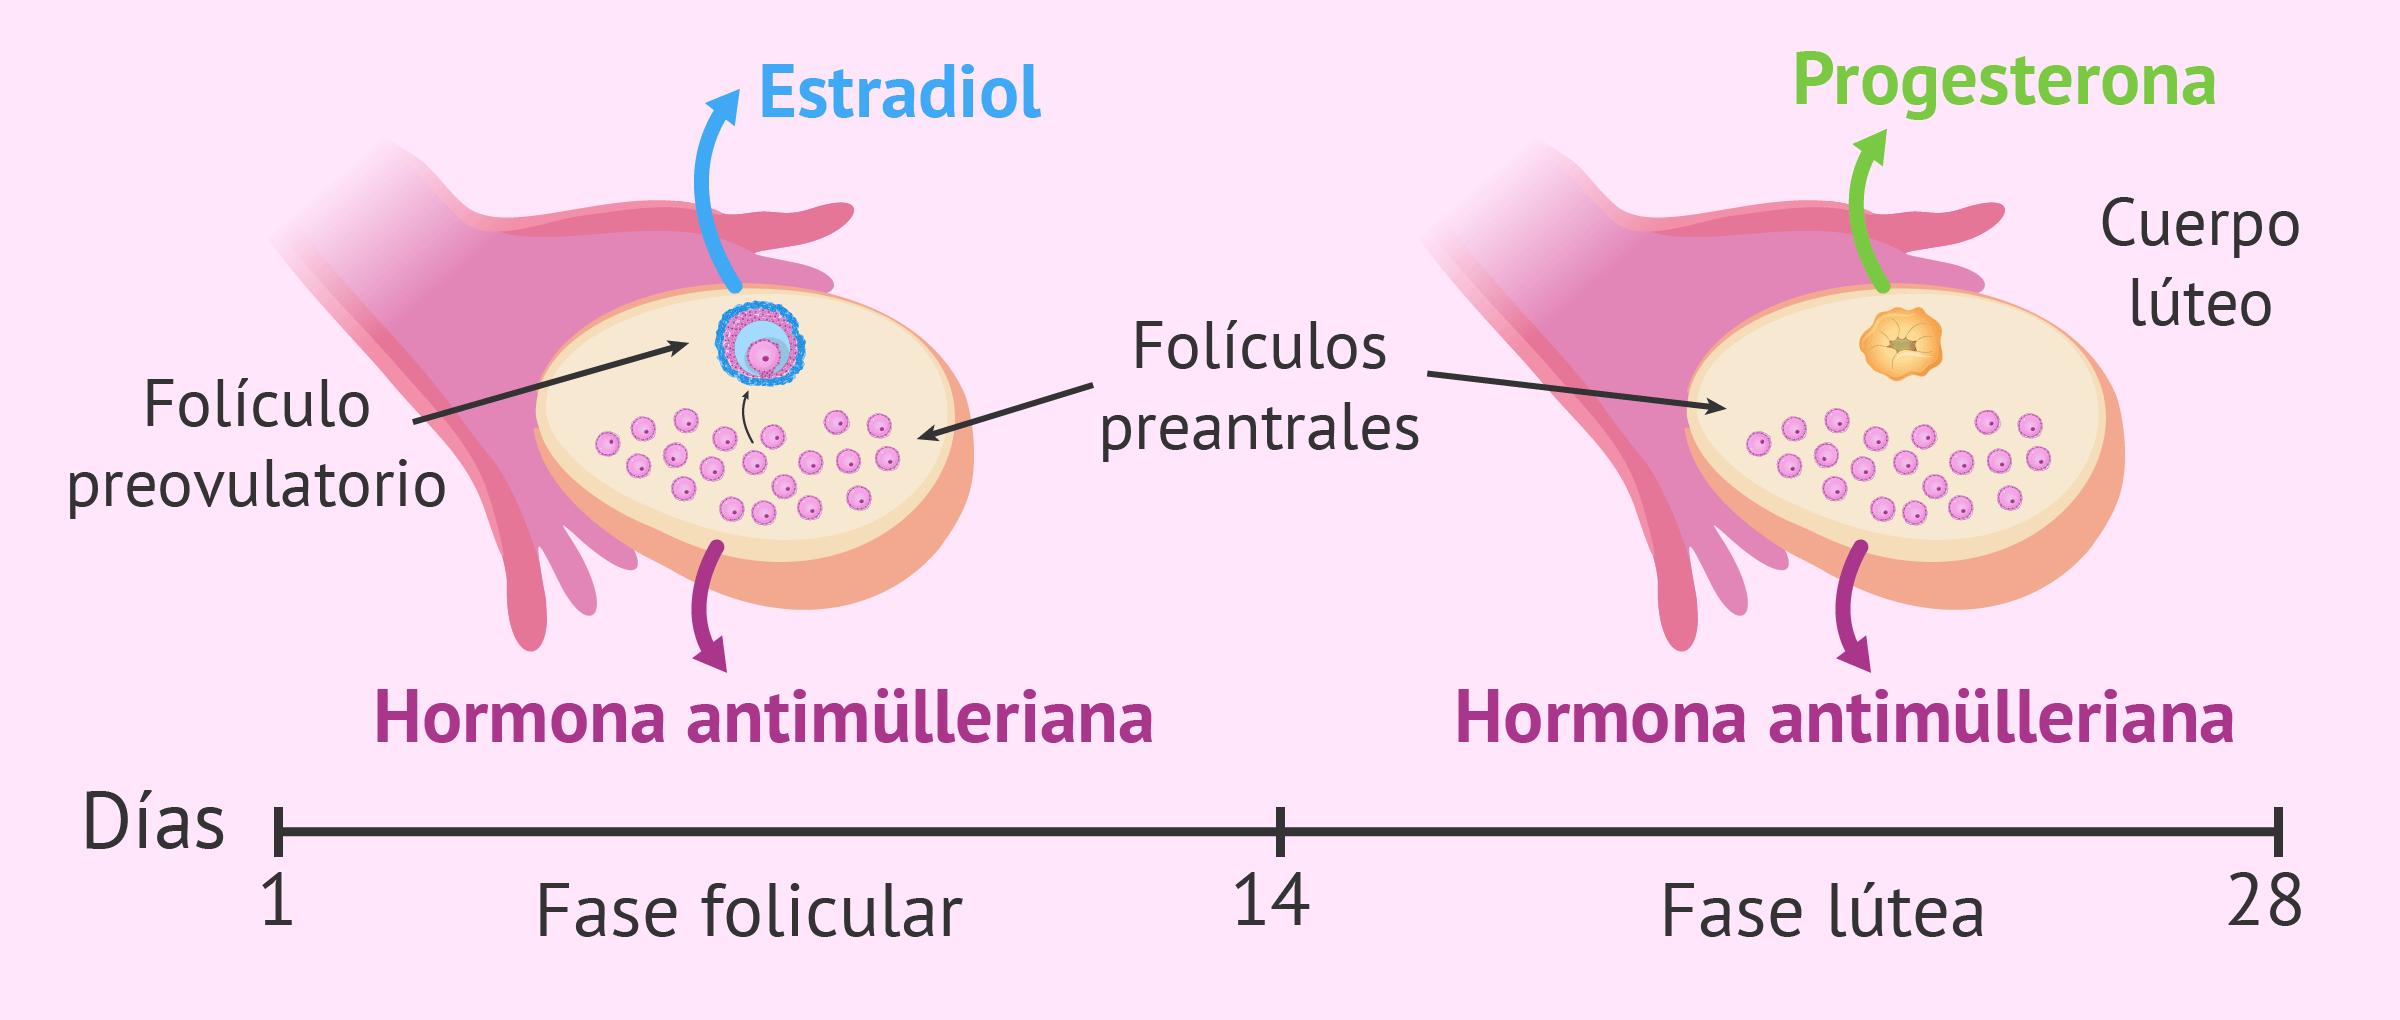 Hormonas sexuales liberadas por el ovario